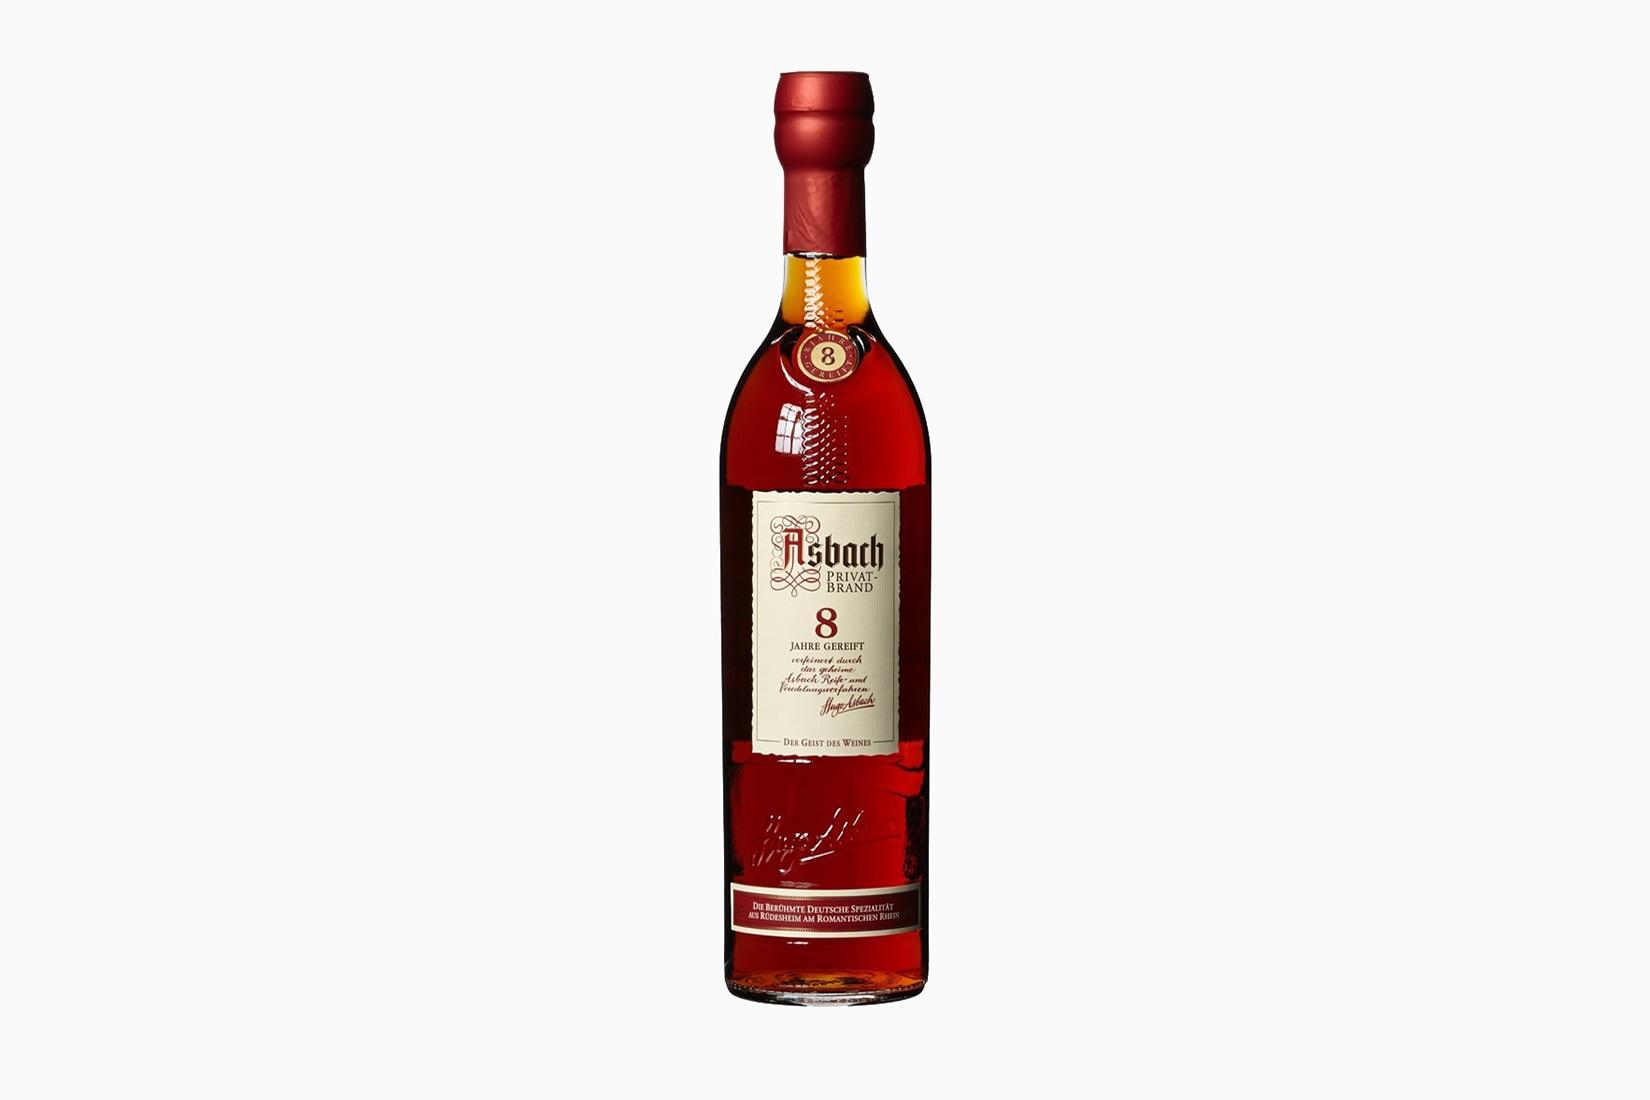 best brandy cognac brands asbach - Luxe Digital